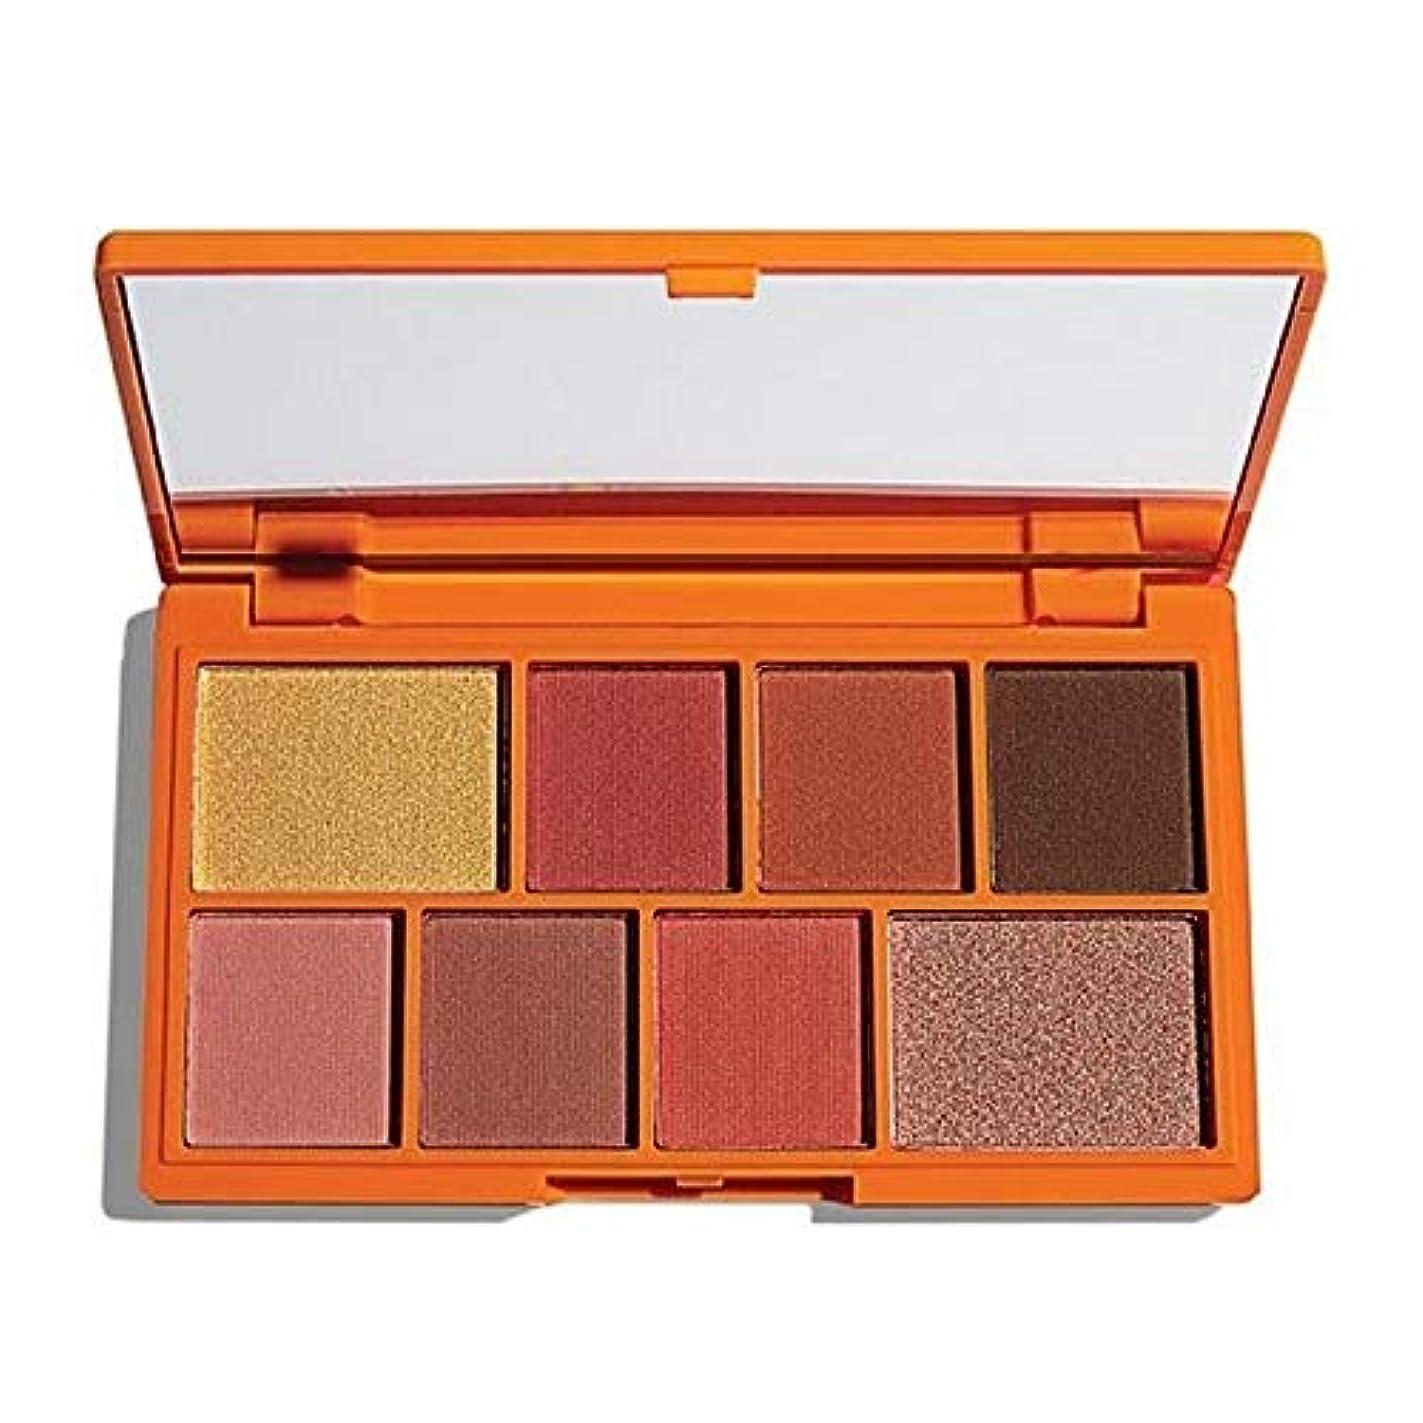 専ら汚物眠っている[I Heart Revolution ] 私は心の革命チョコレートオレンジミニアイシャドウパレット - I Heart Revolution Chocolate Orange Mini Eye Shadow Palette...